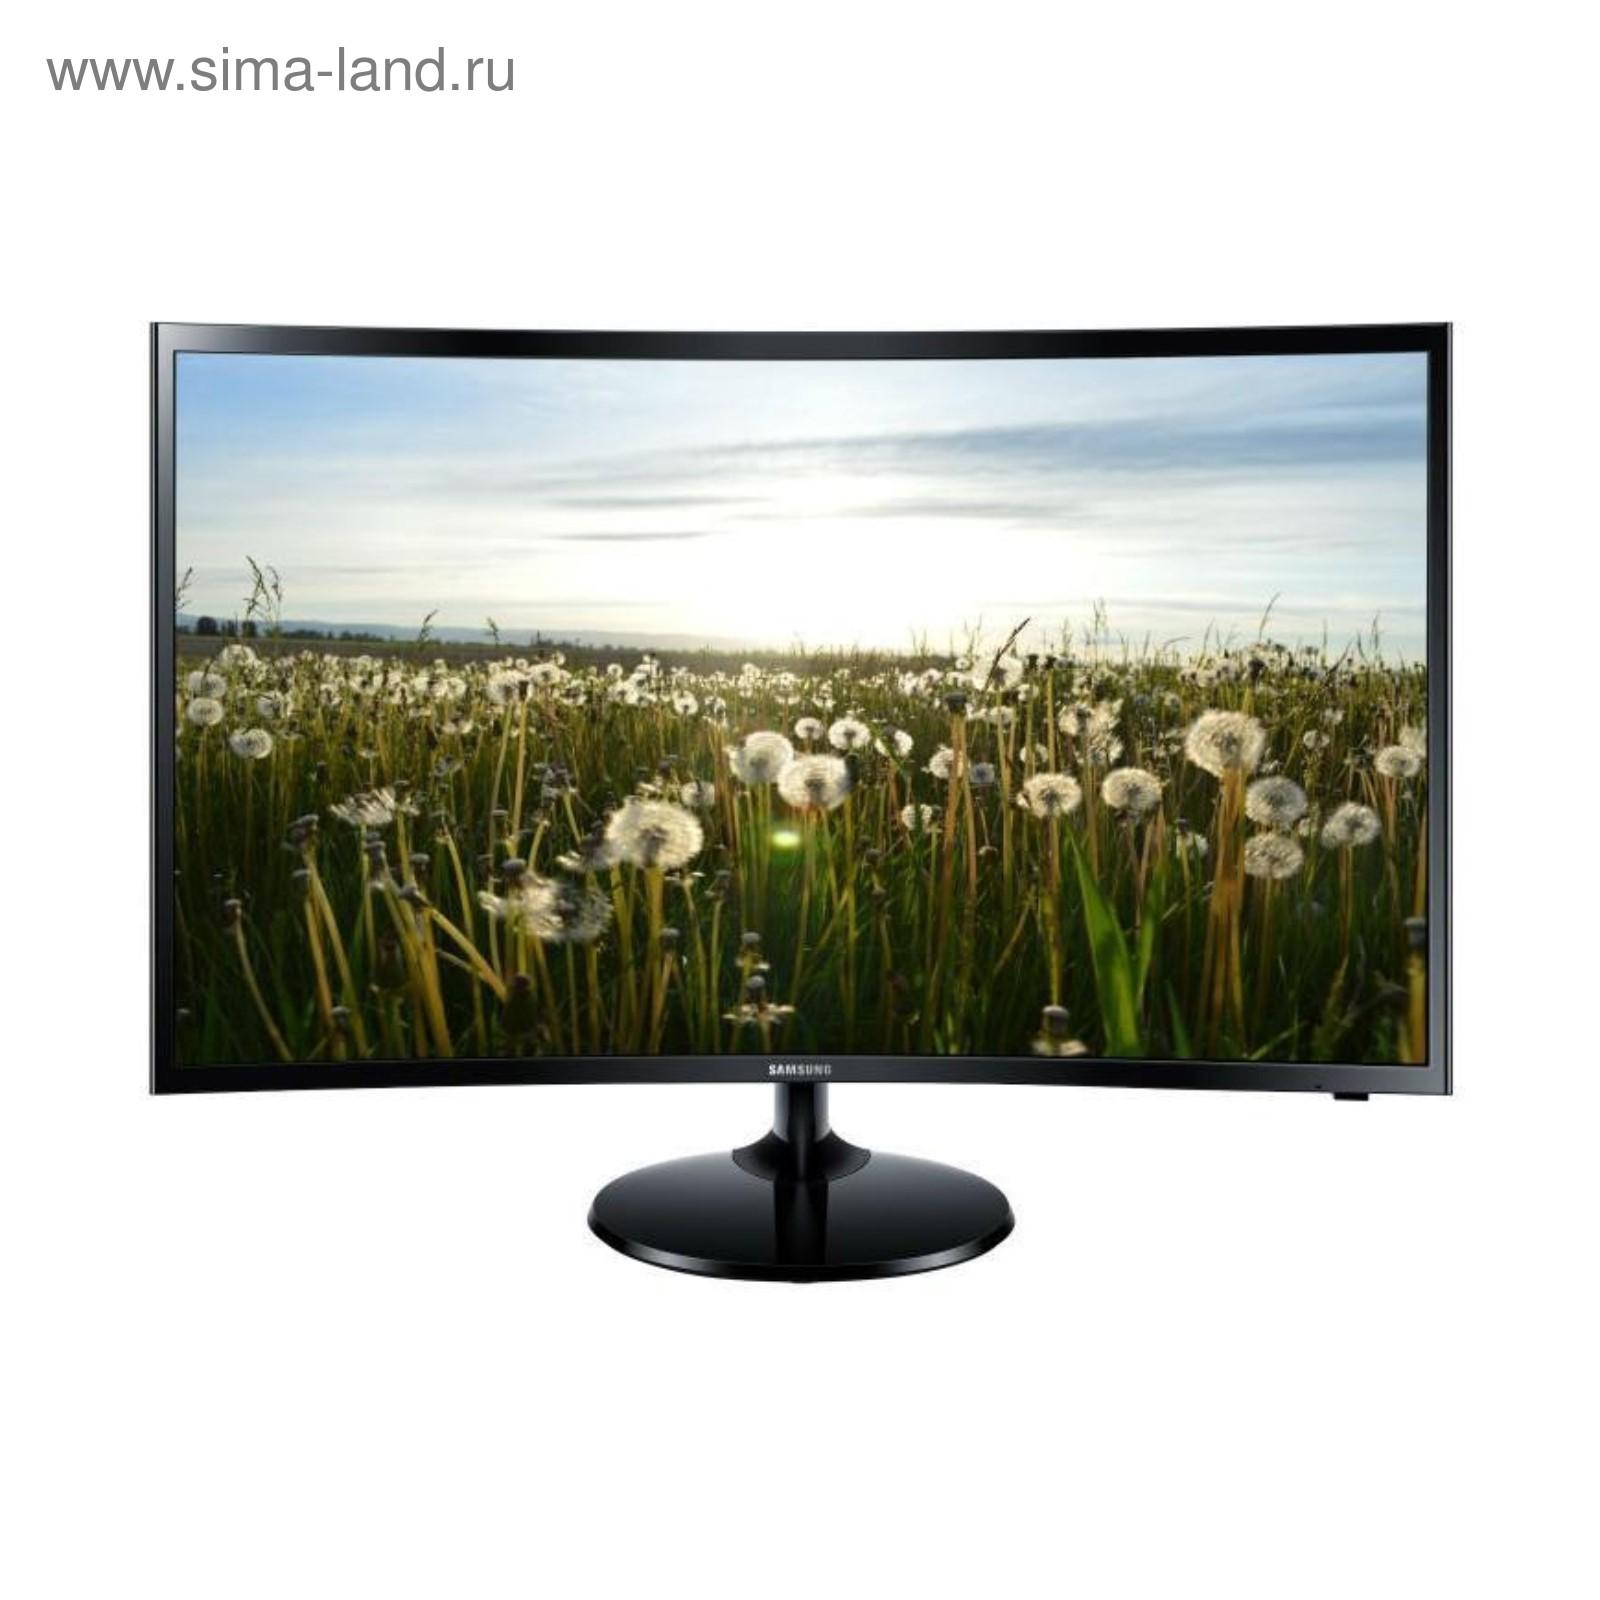 7257a6318fd0b2 Телевизор Samsung V32F390SIX, LED, 31,5